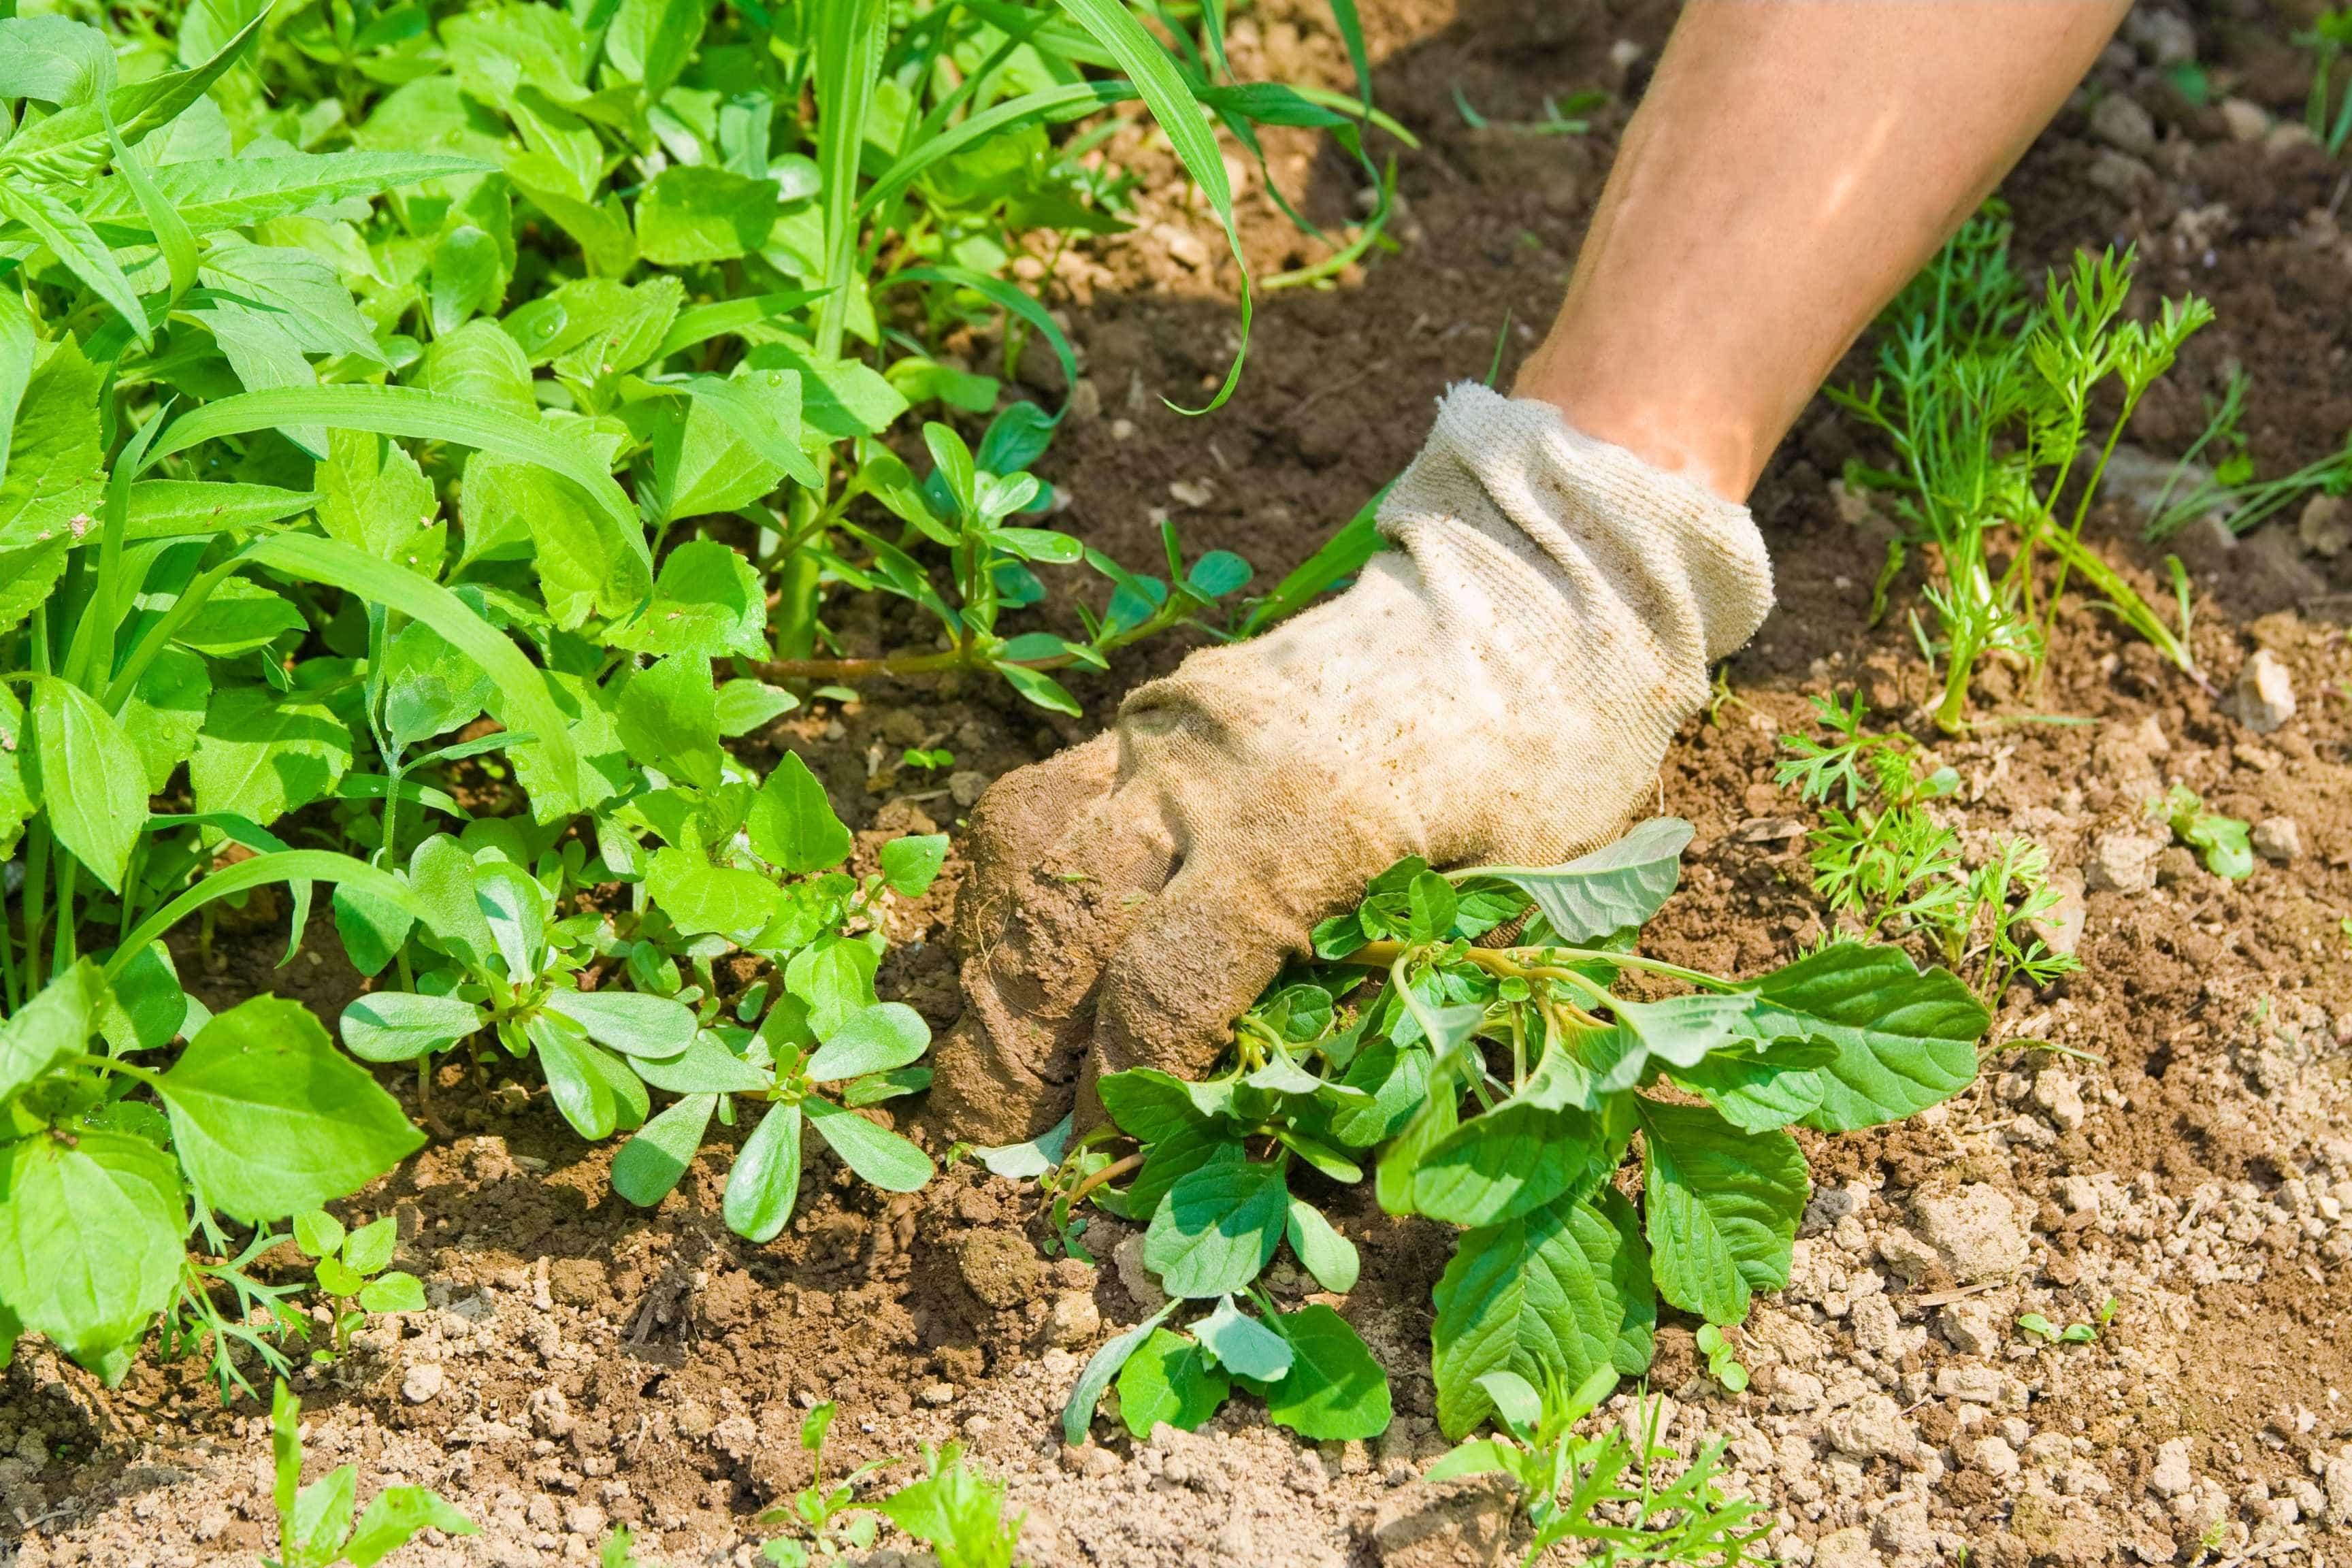 Bloco denuncia aplicação ilegal de glifosato em jardim de Aveiro